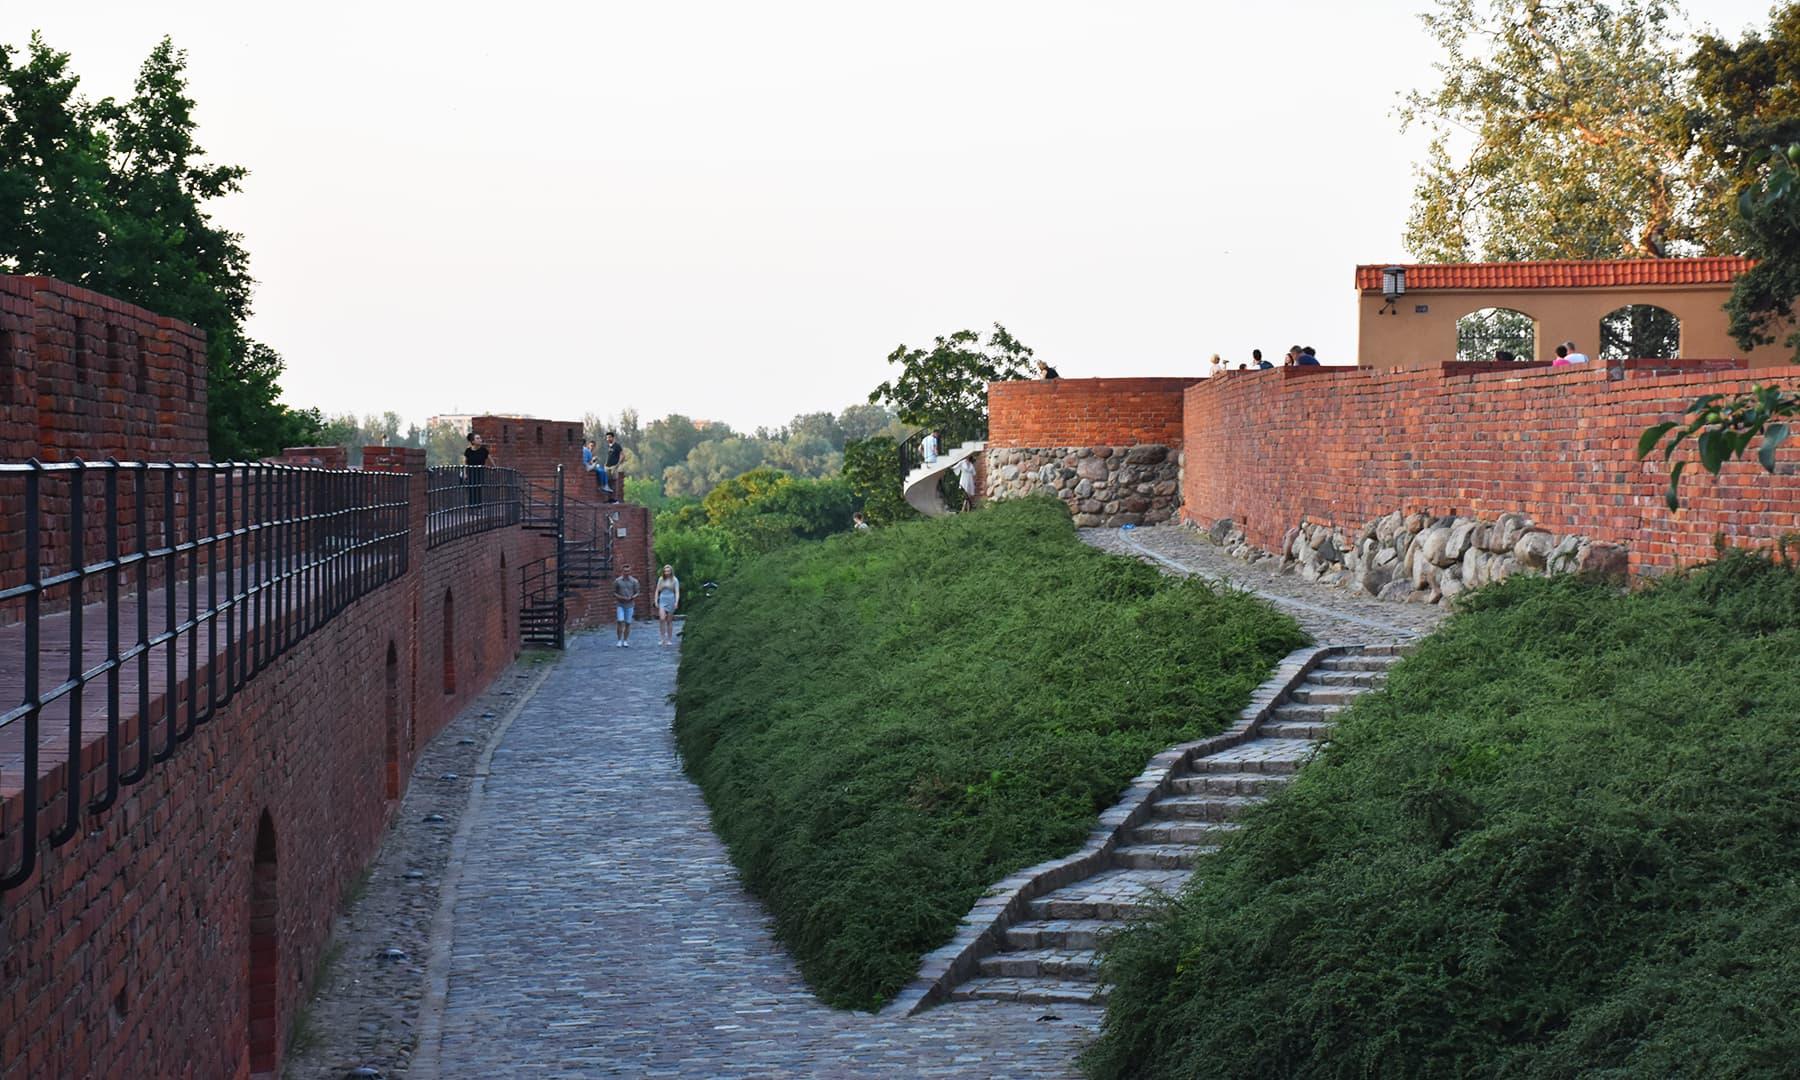 اولڈ ٹاؤن کی دیوار کا نظارہ